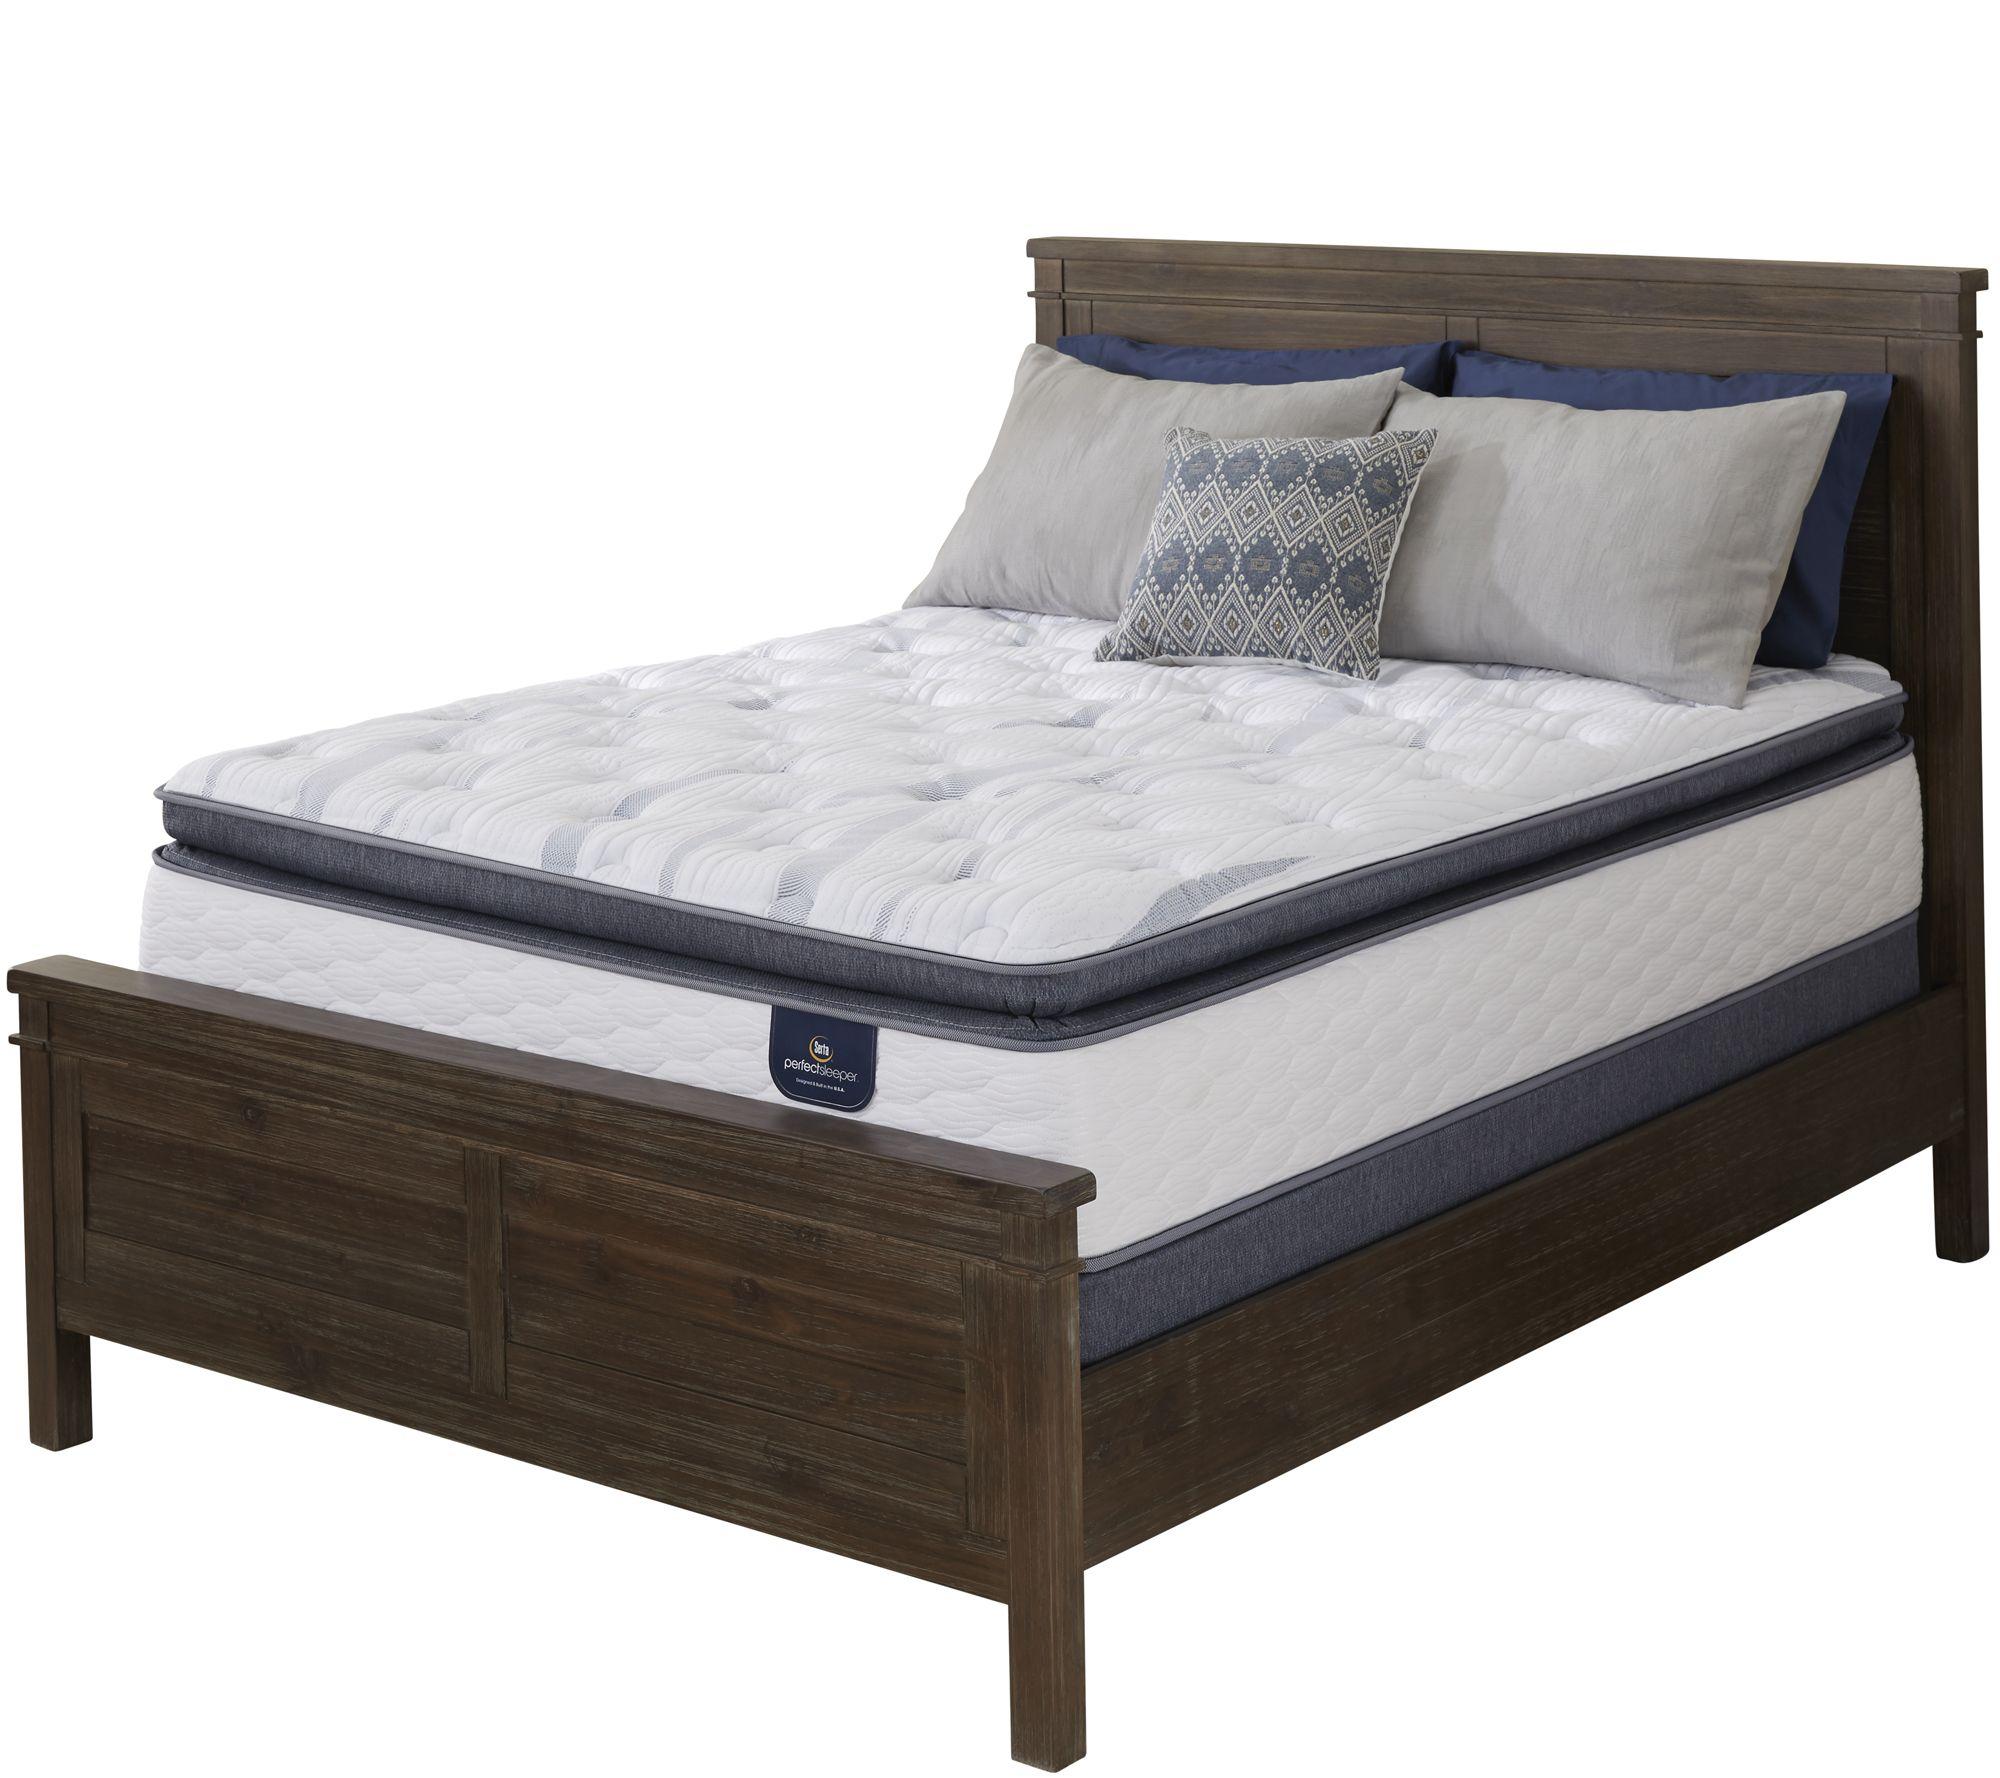 Serta Perfect Sleeper Belleshore Super PT Queen Mattress Set - H211982